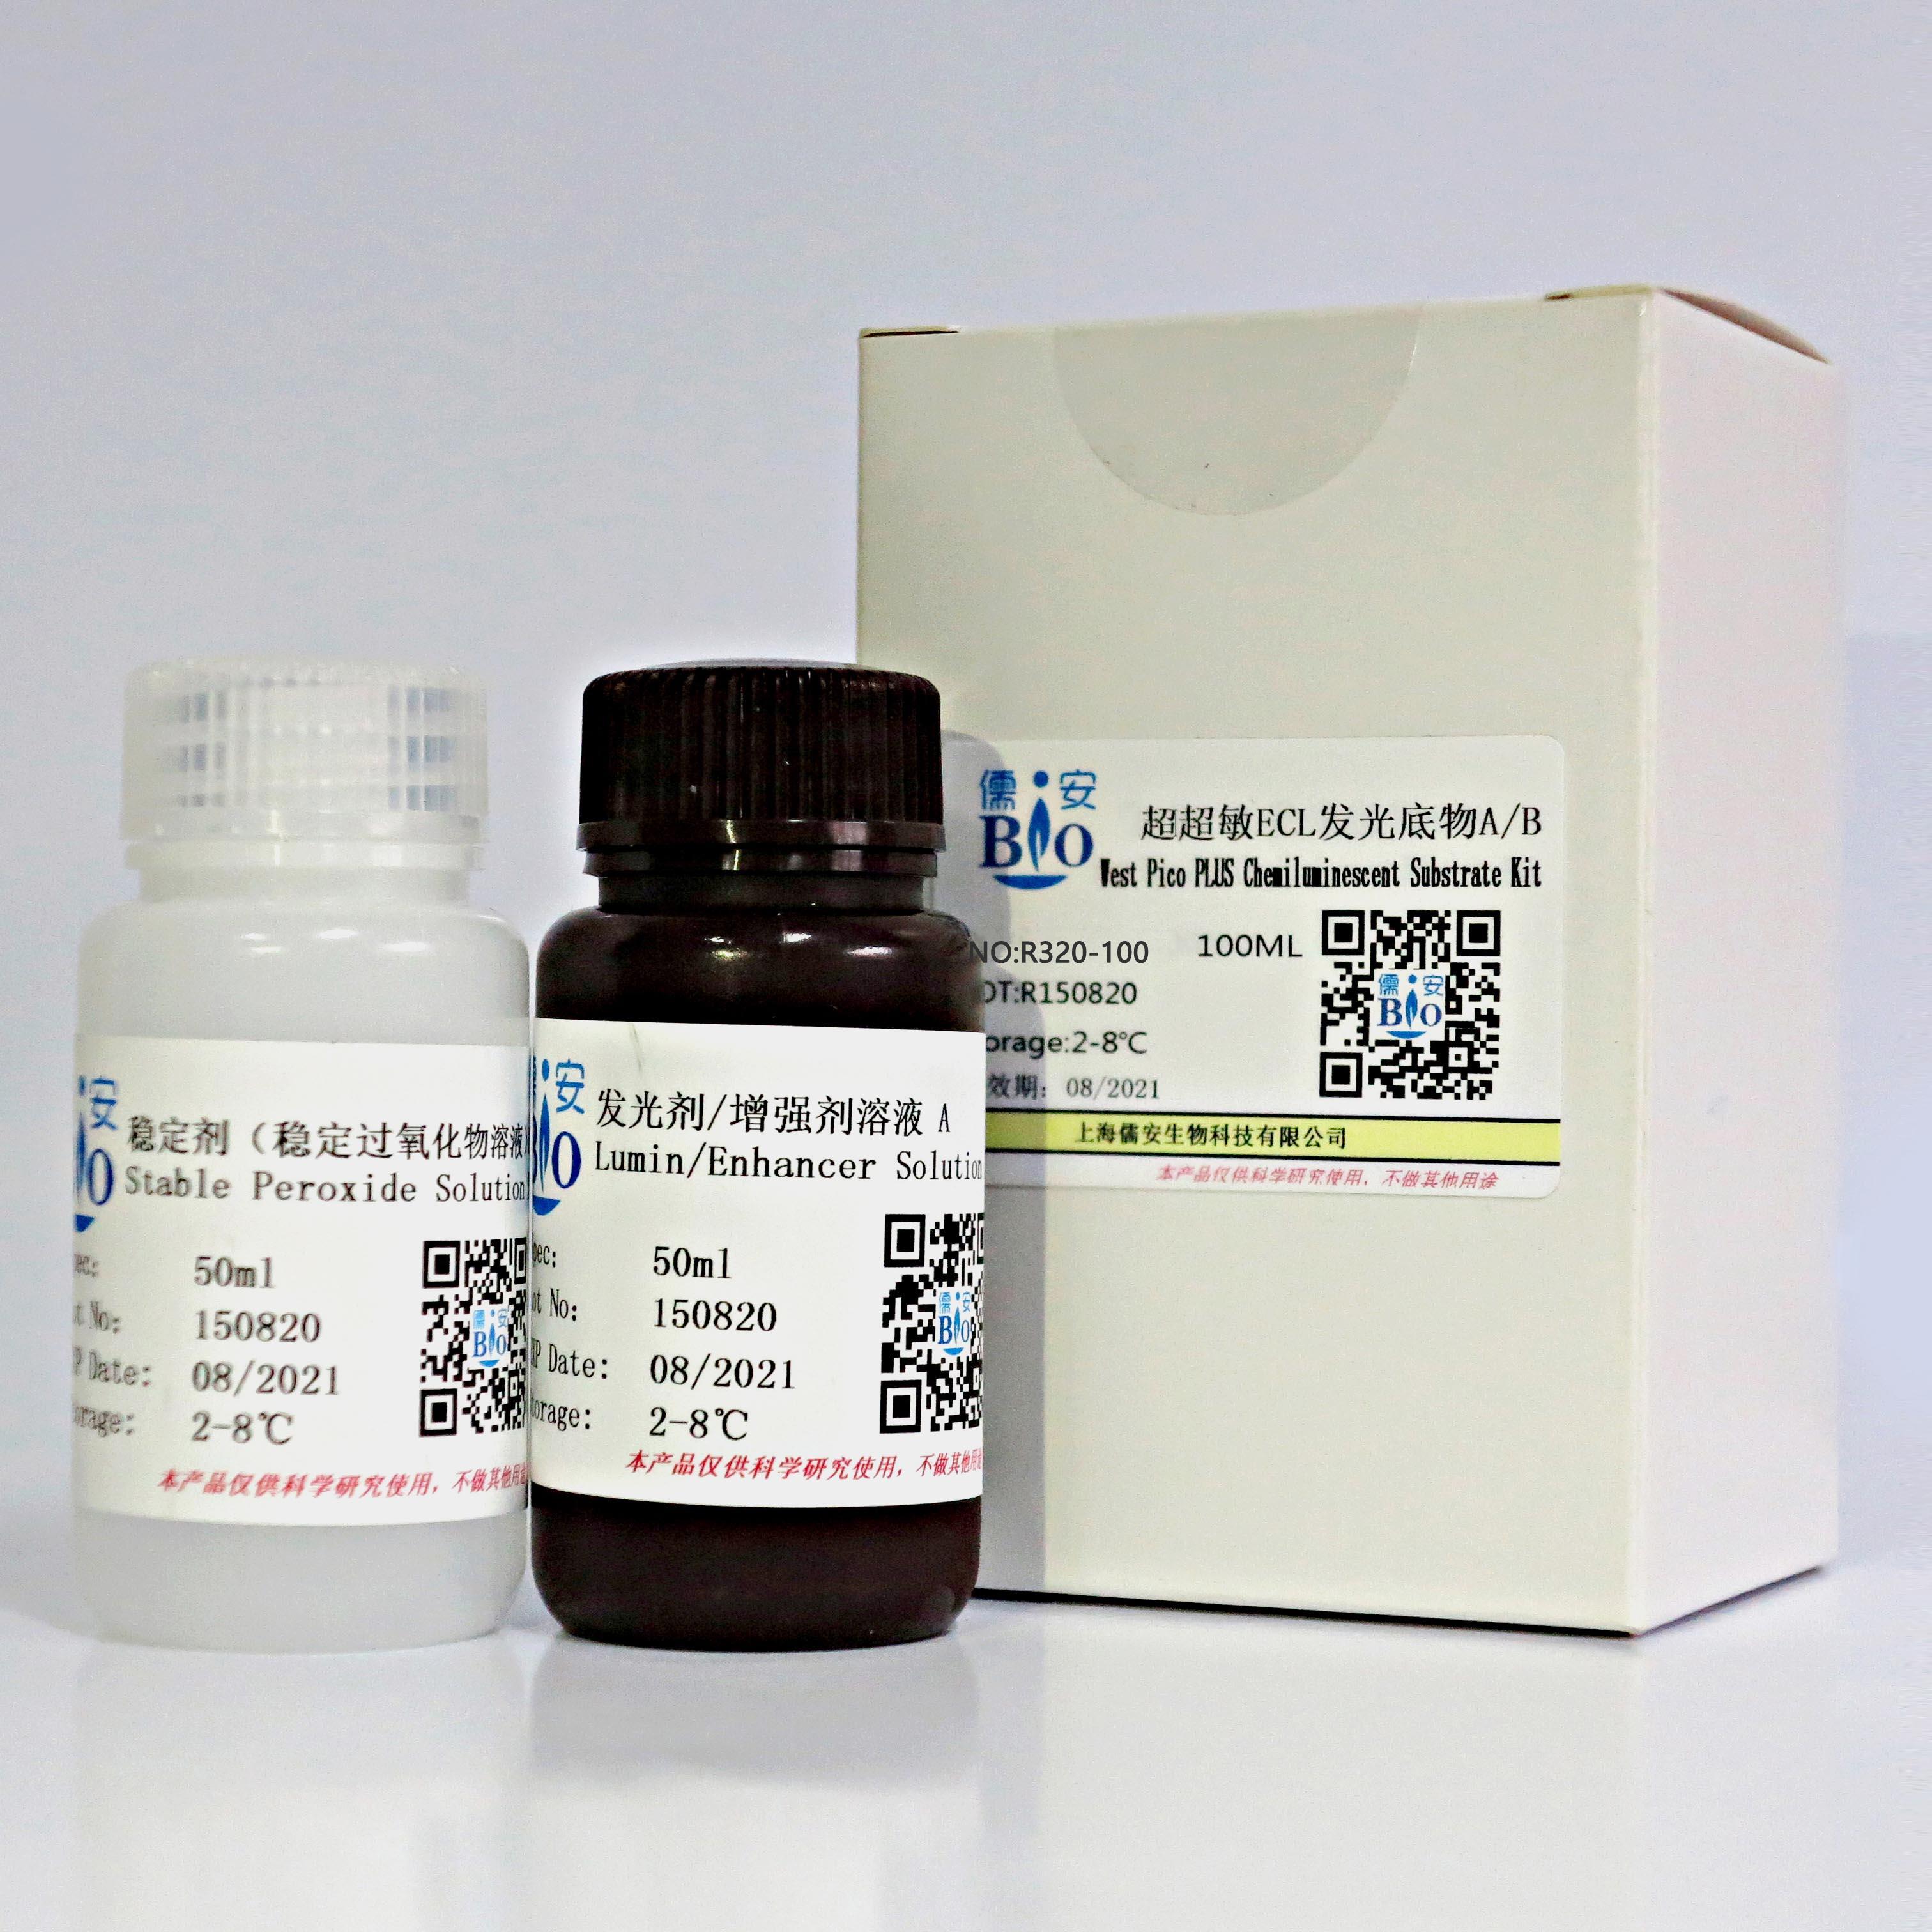 超敏ECL发光底物(试剂盒)